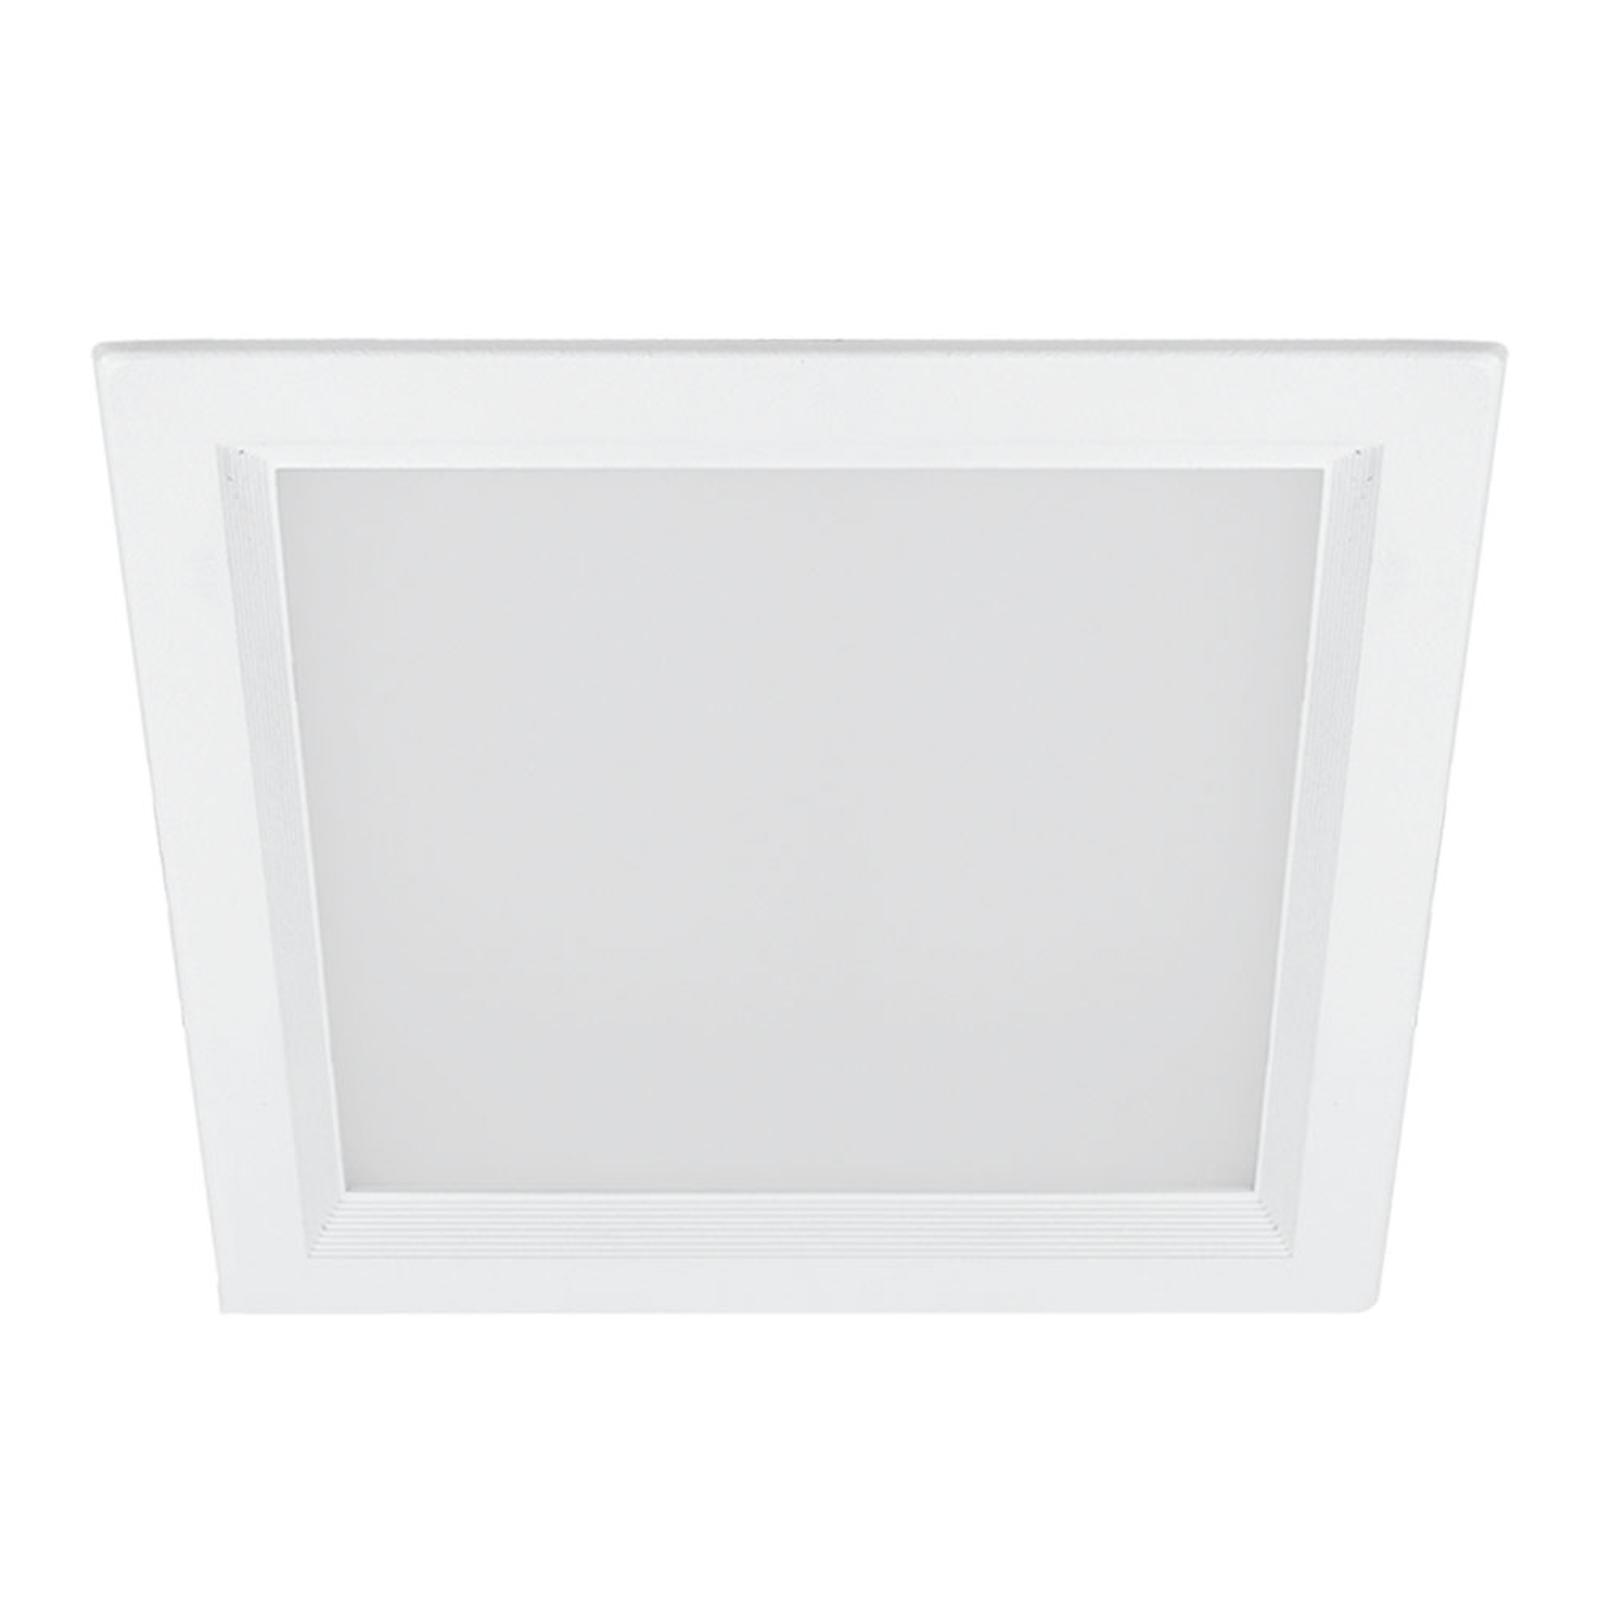 LED-uppovalaisin scota-SDES-O/120 4 000K 12x12 cm